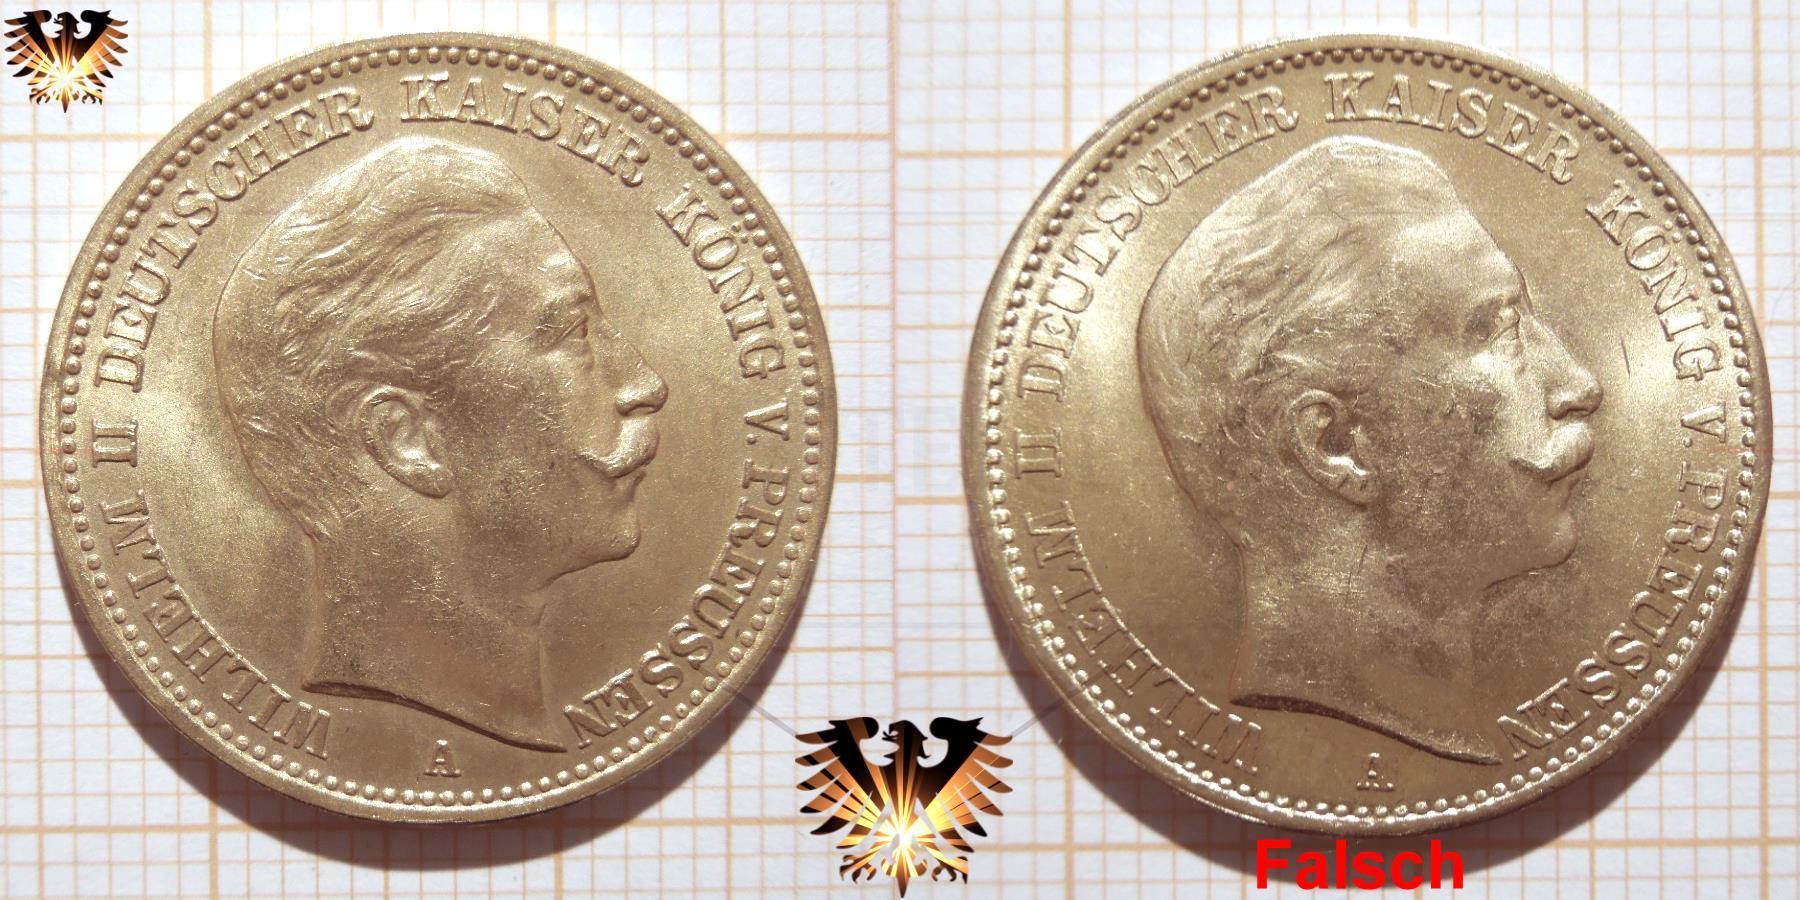 Fälschung einer Reichsmark Goldmünze; Preussen 20 Mark Bildansicht im Vergleich